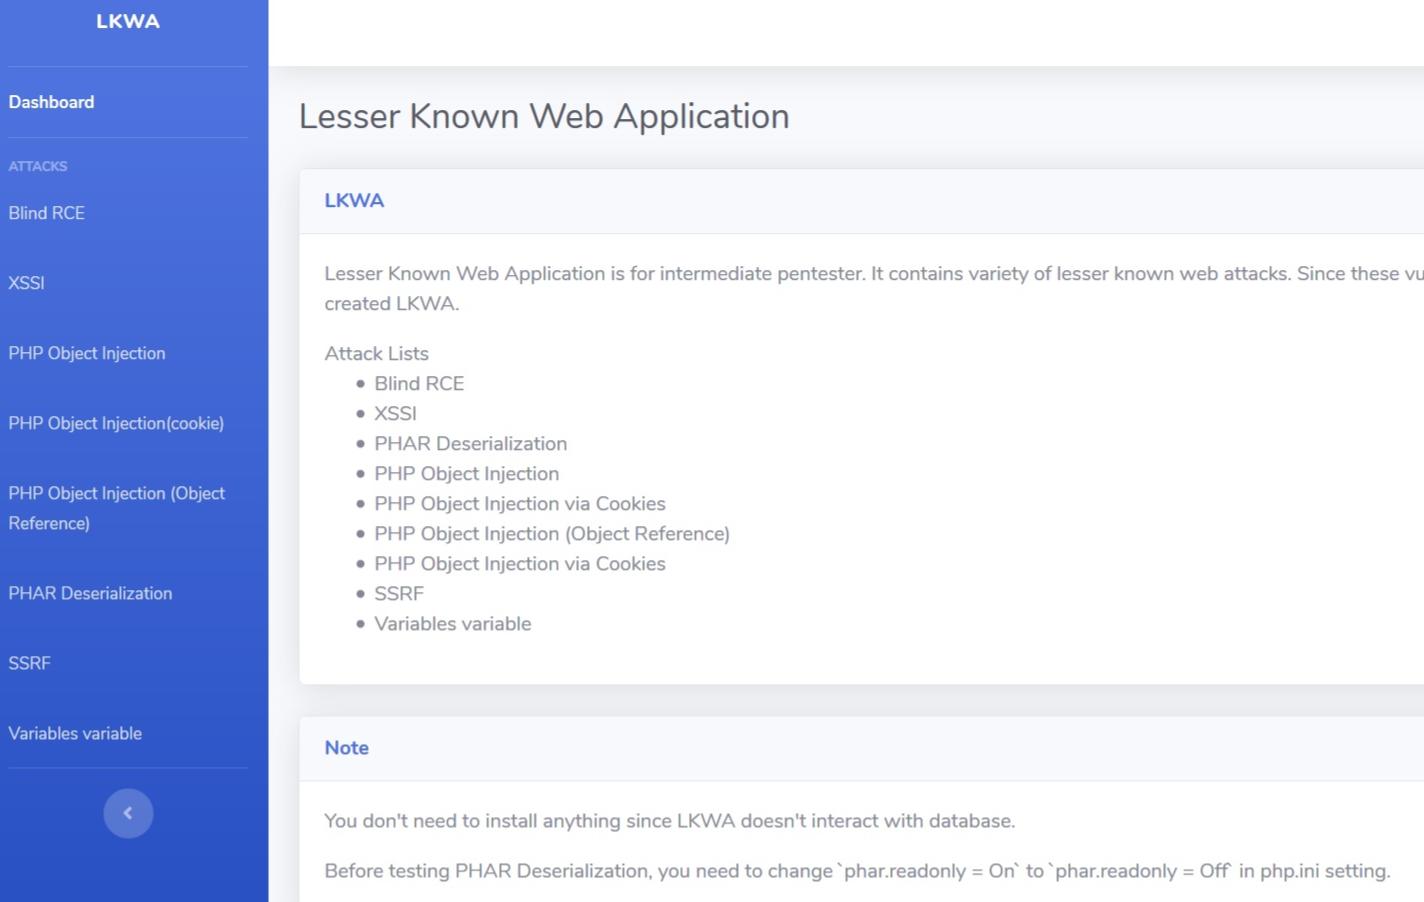 冷门的WEB安全测试靶场LKWA